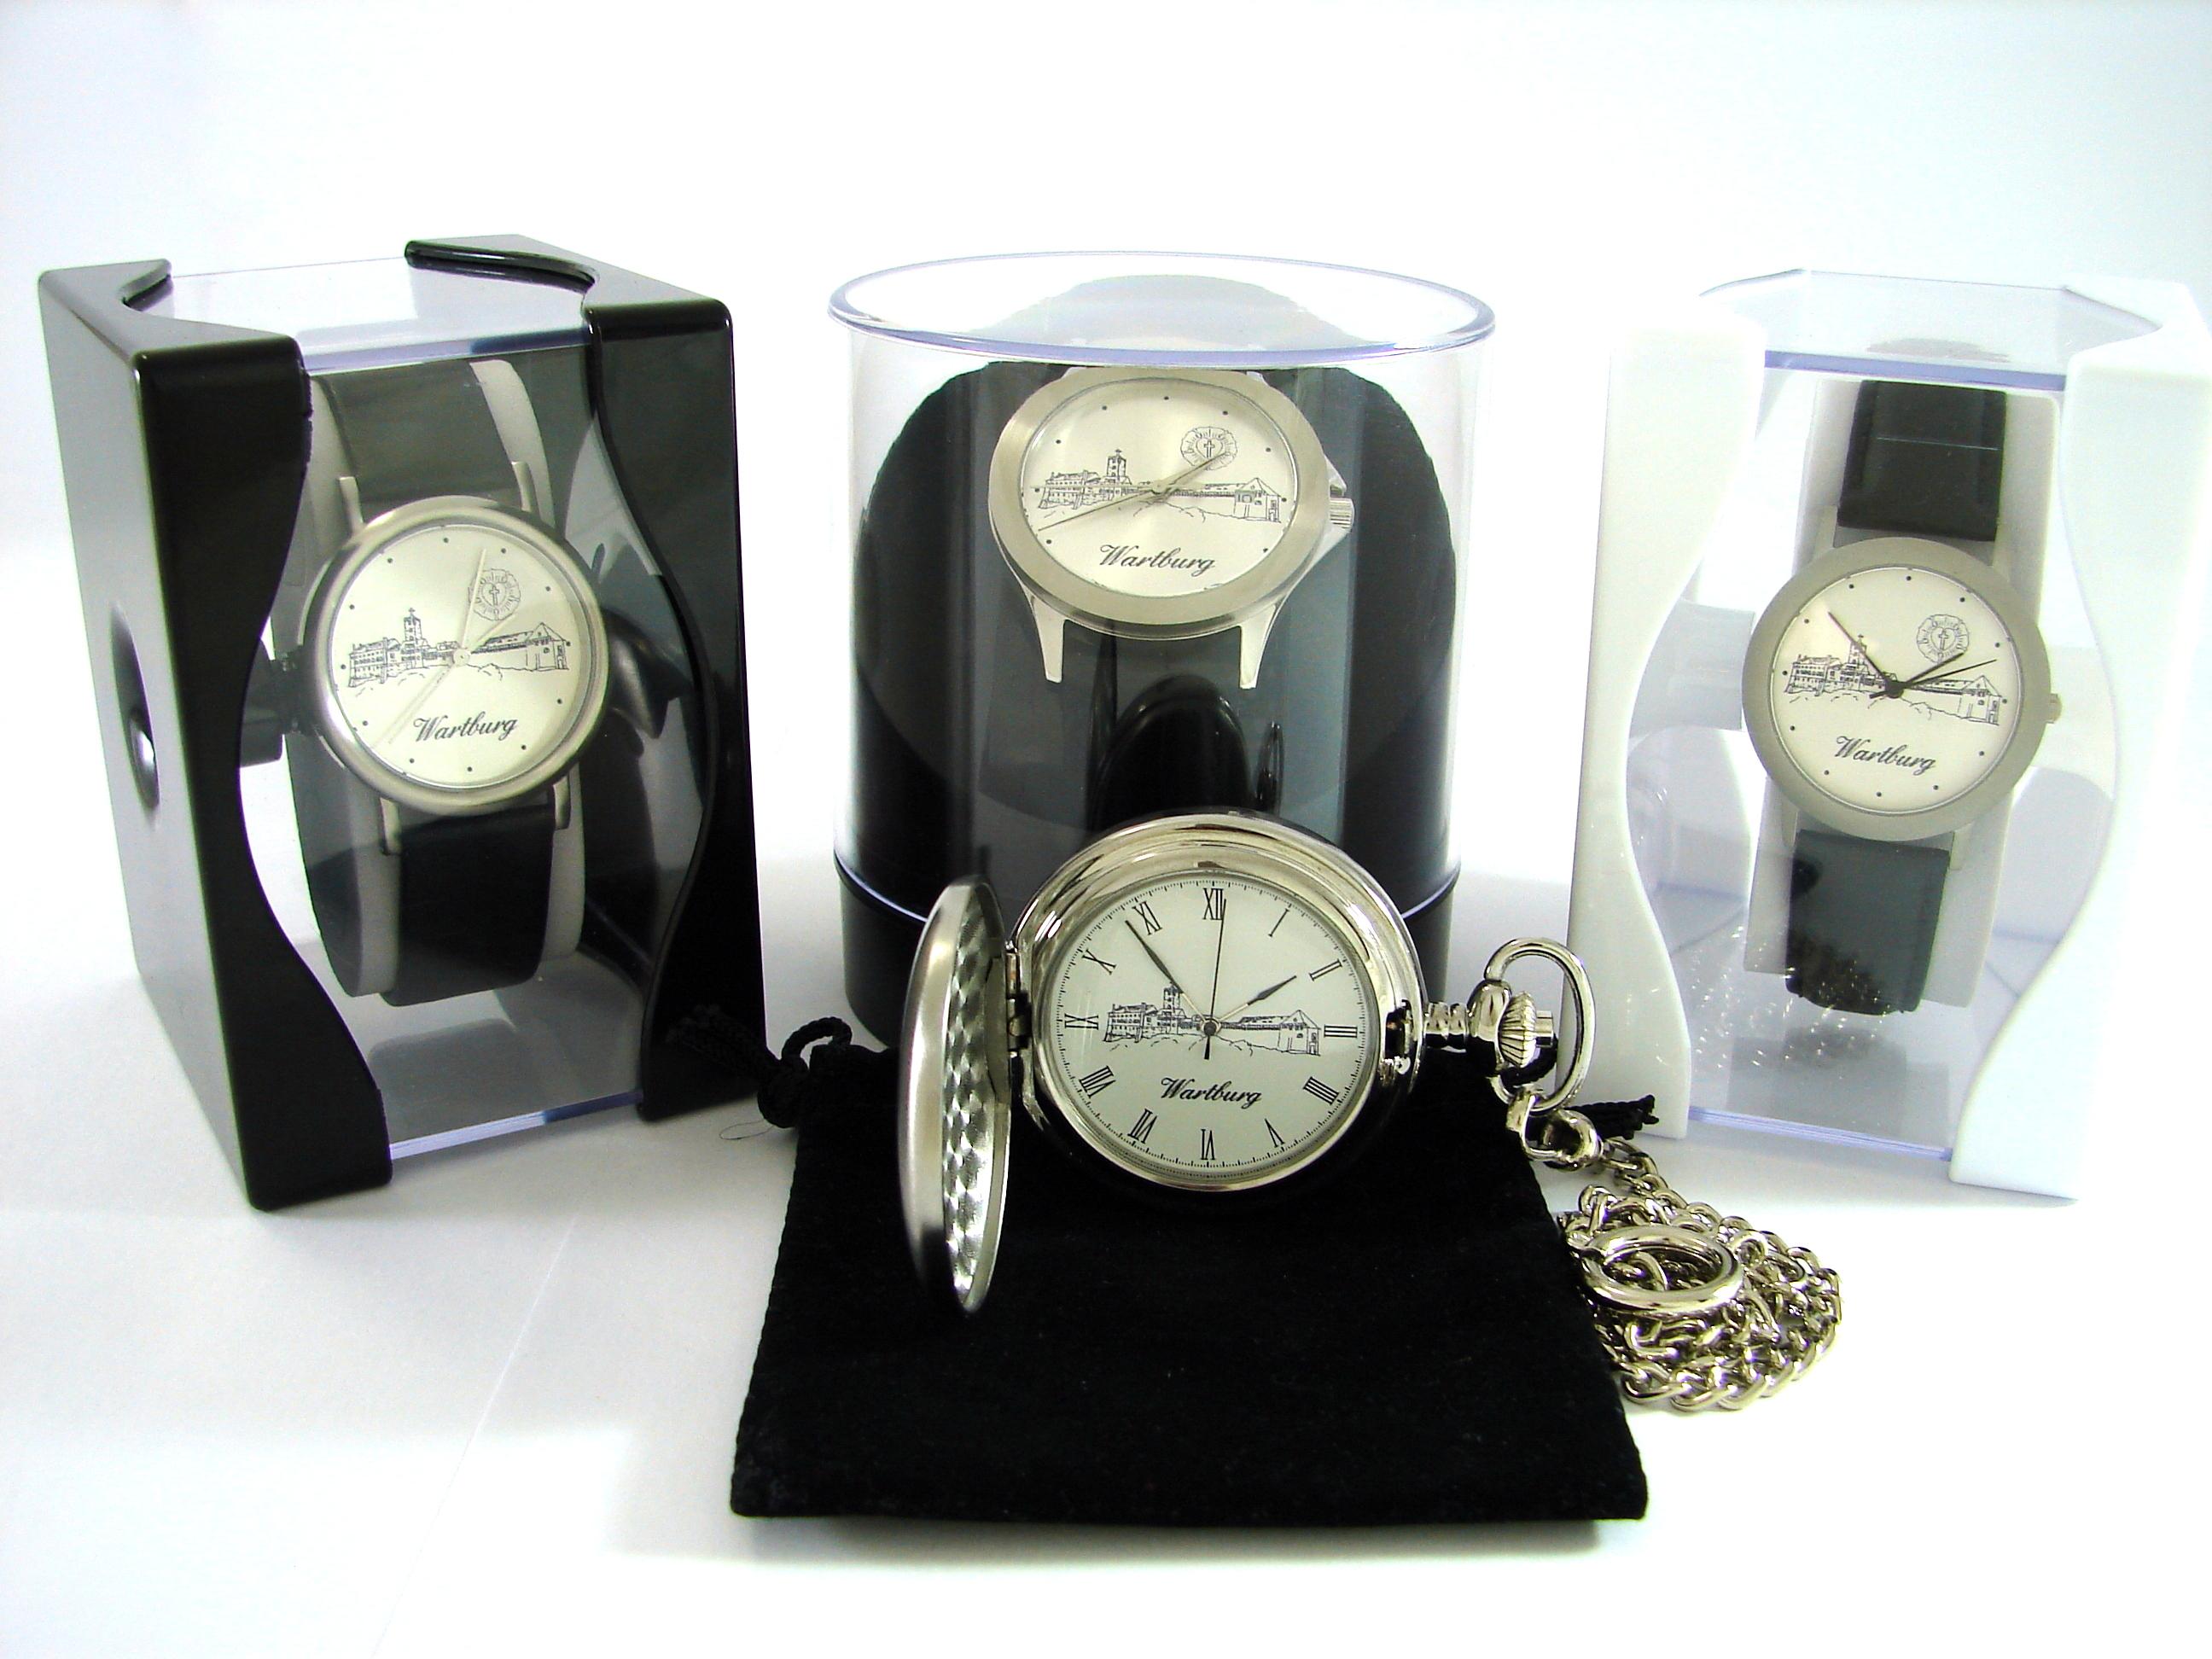 drei verschiedene Wartburg Uhren in der typischen durchsichtigen Uhrbox und eine Wartburg Taschenuhr